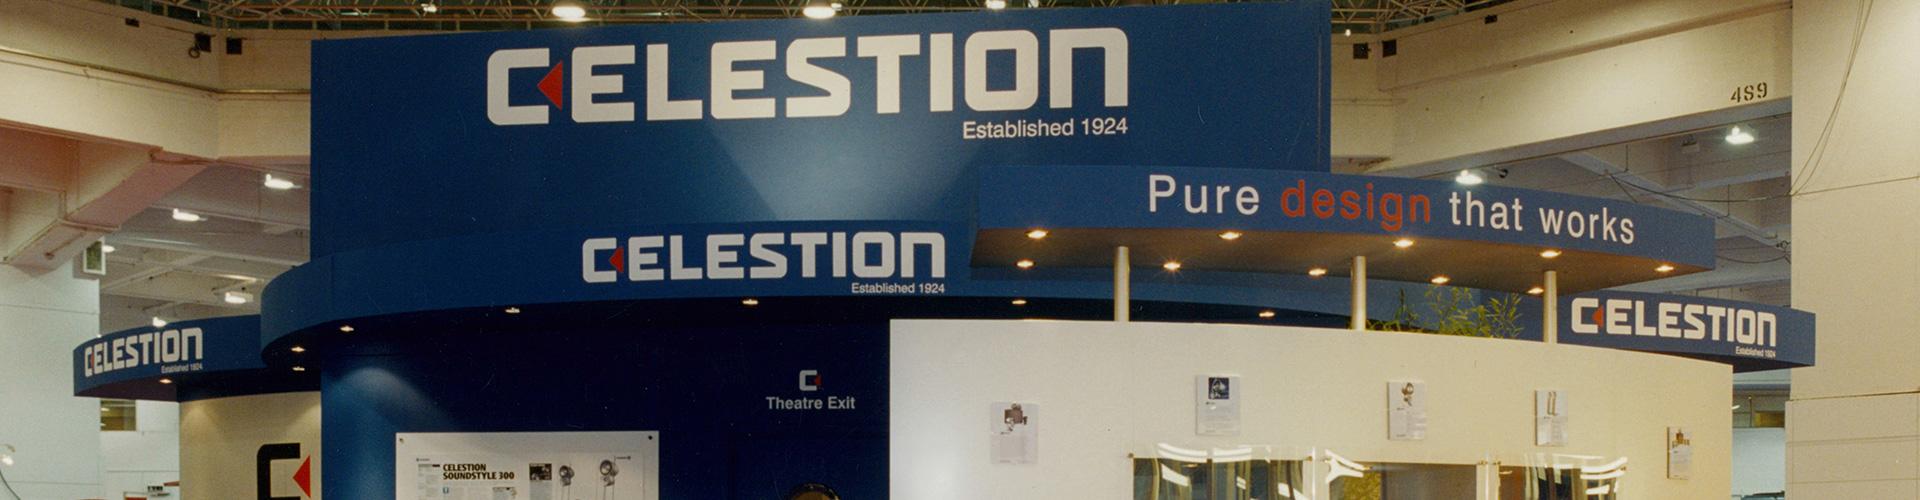 celestron-banner